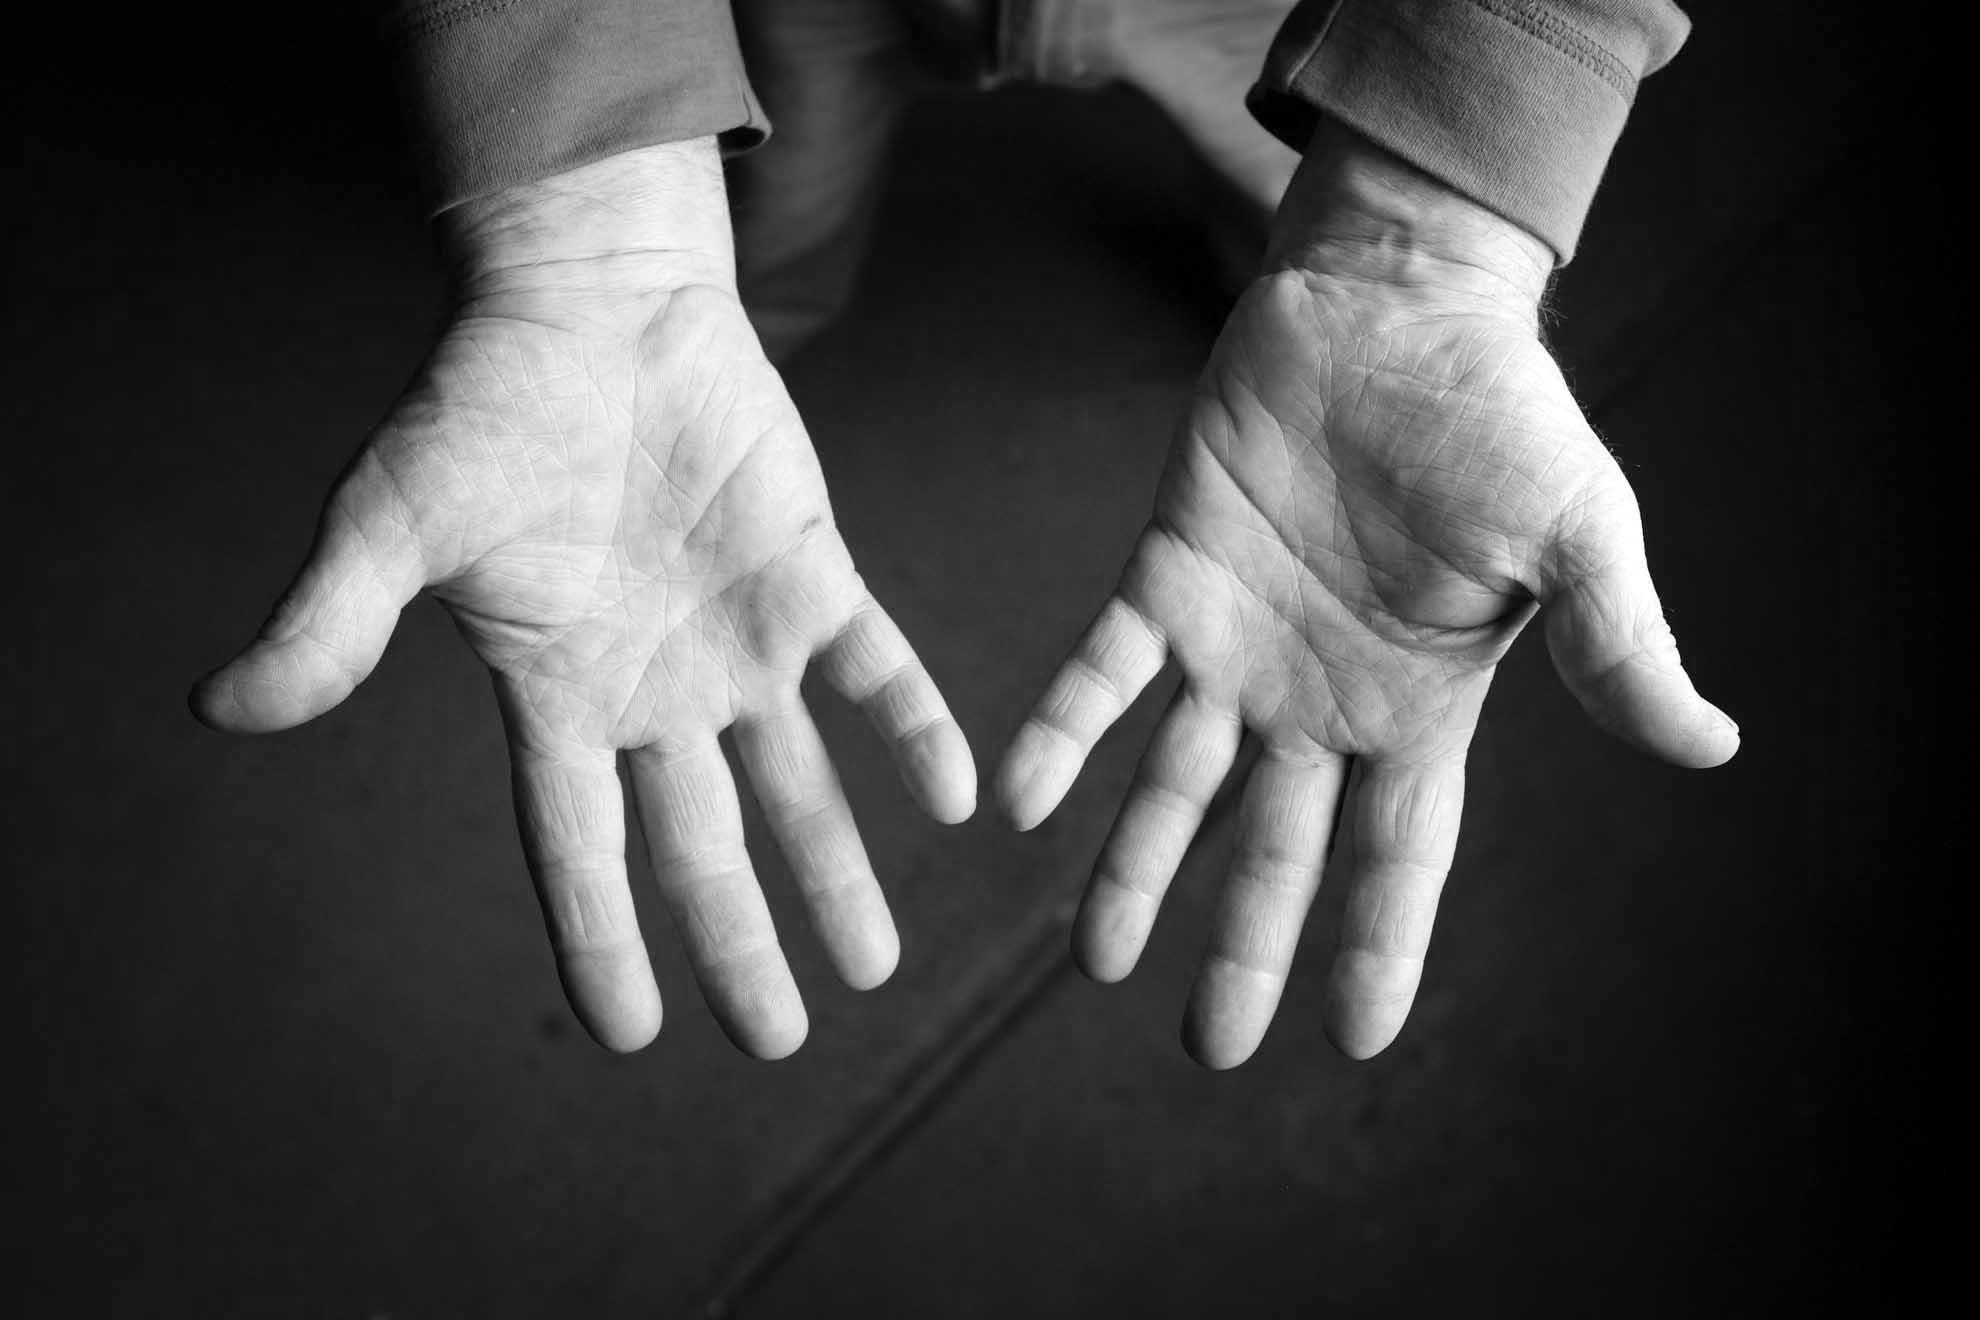 Brant Kingman- hands